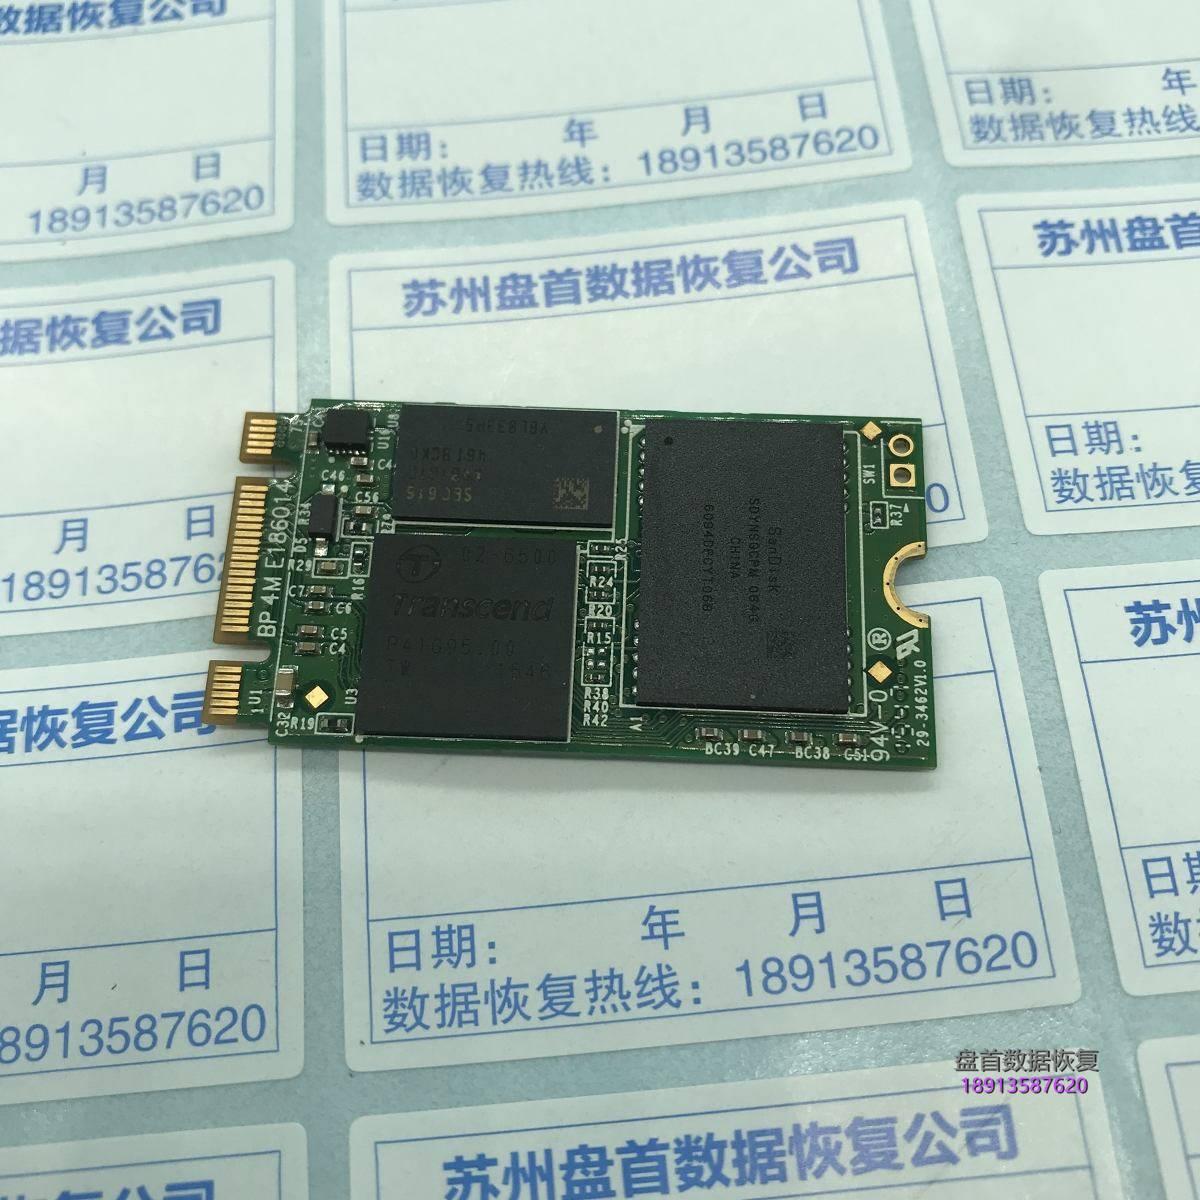 创见TS128GMTS400(128GB)SSD掉盘无法识别二次恢复成功